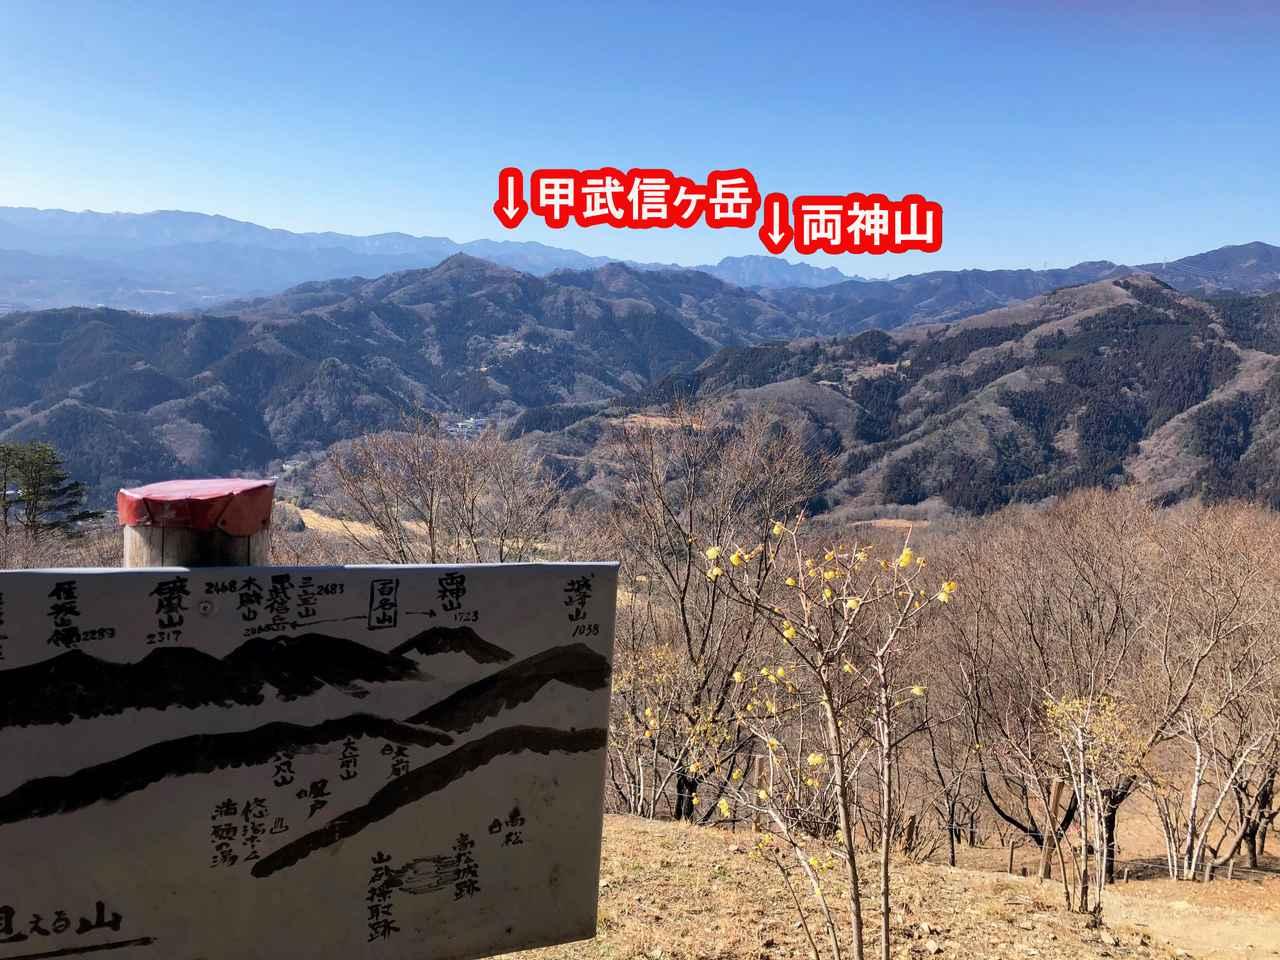 画像: 手書きの山の案内板。とても親切です!